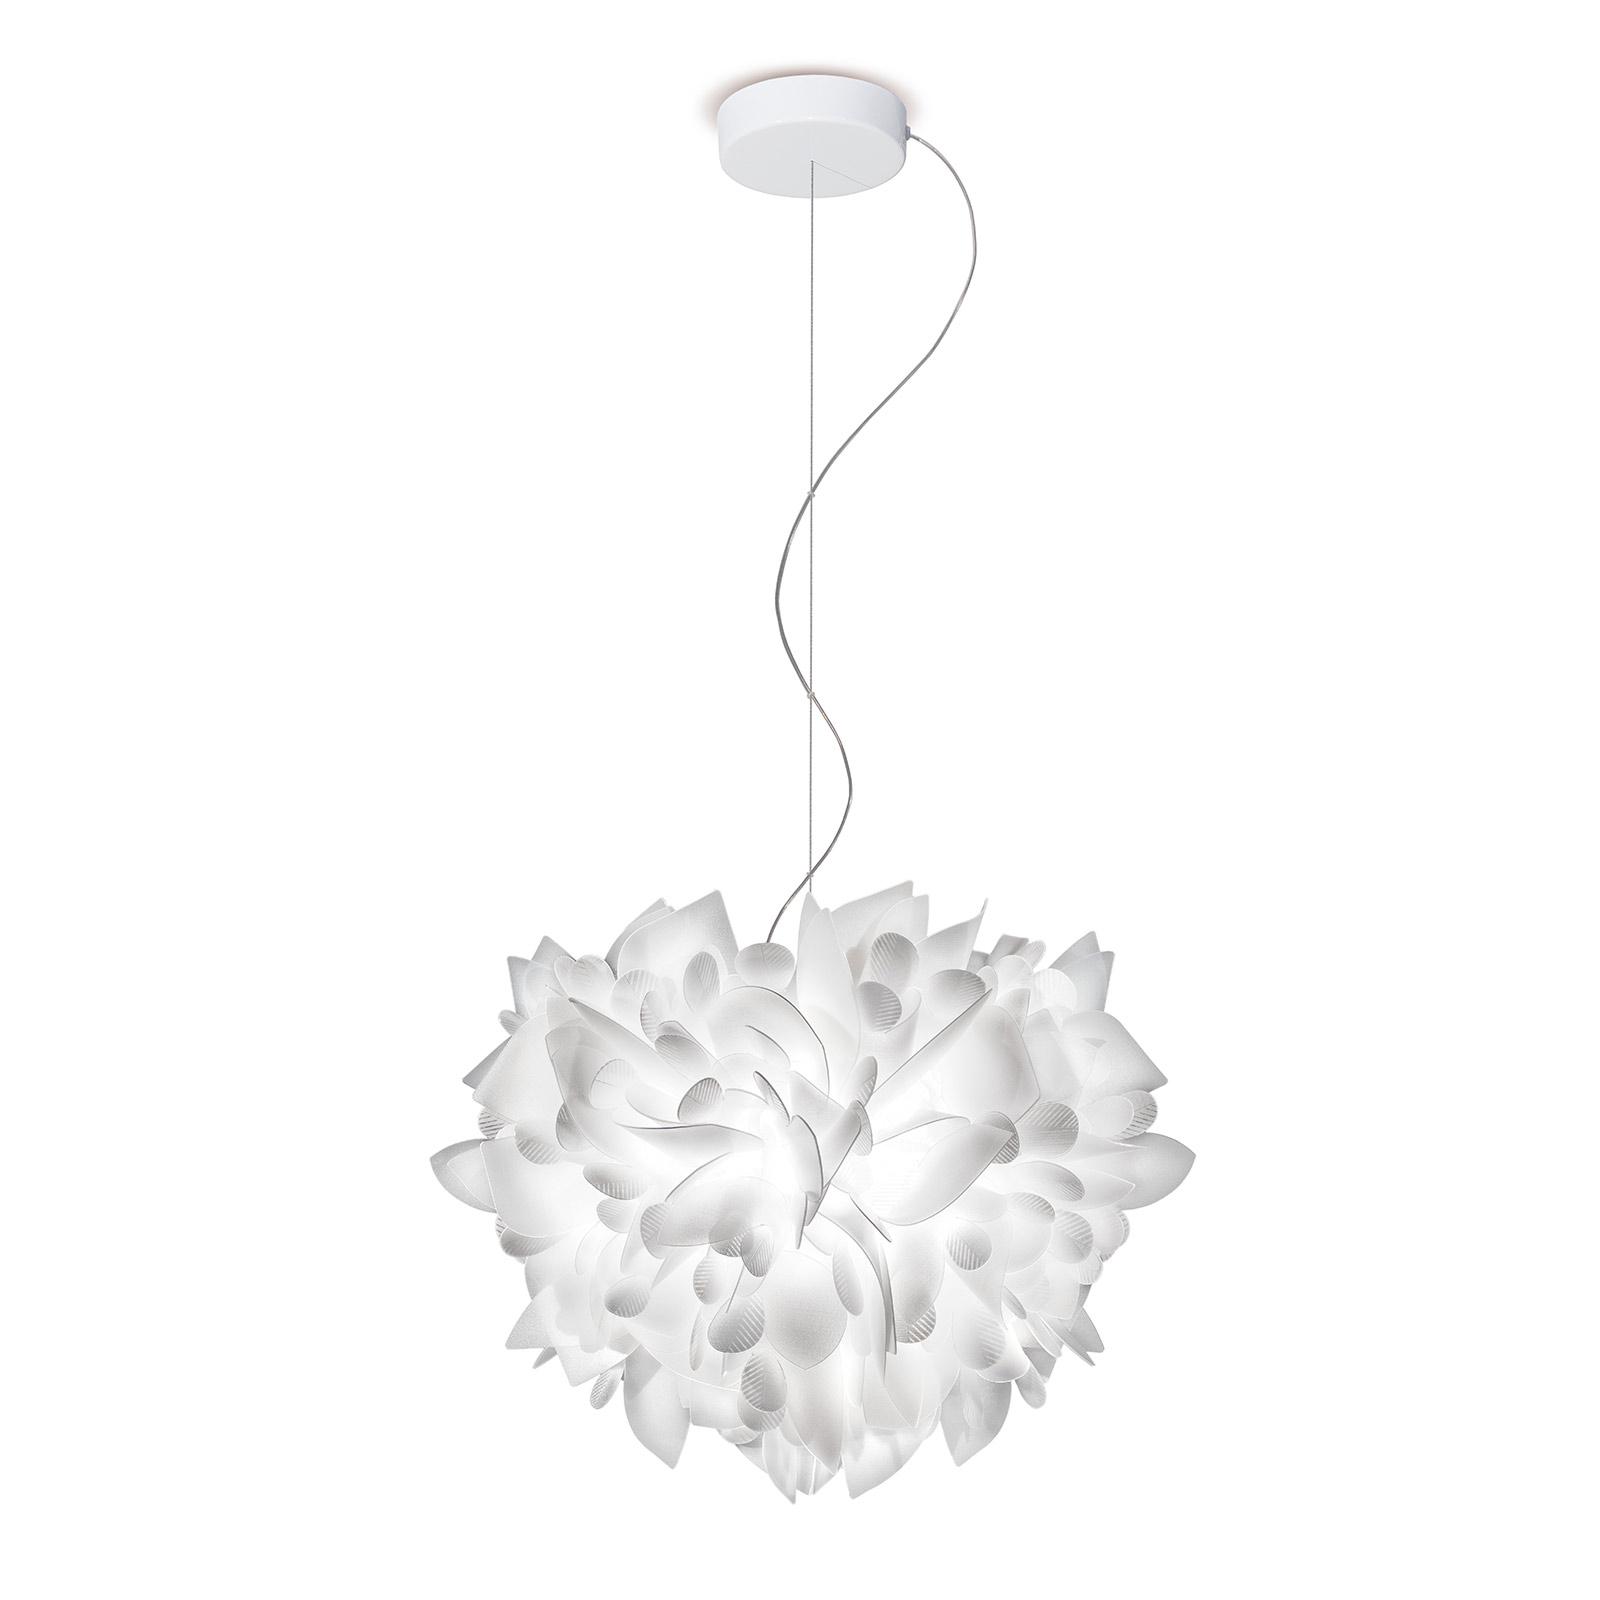 Slamp Veli Foliage závěsné světlo bílé Ø 55cm